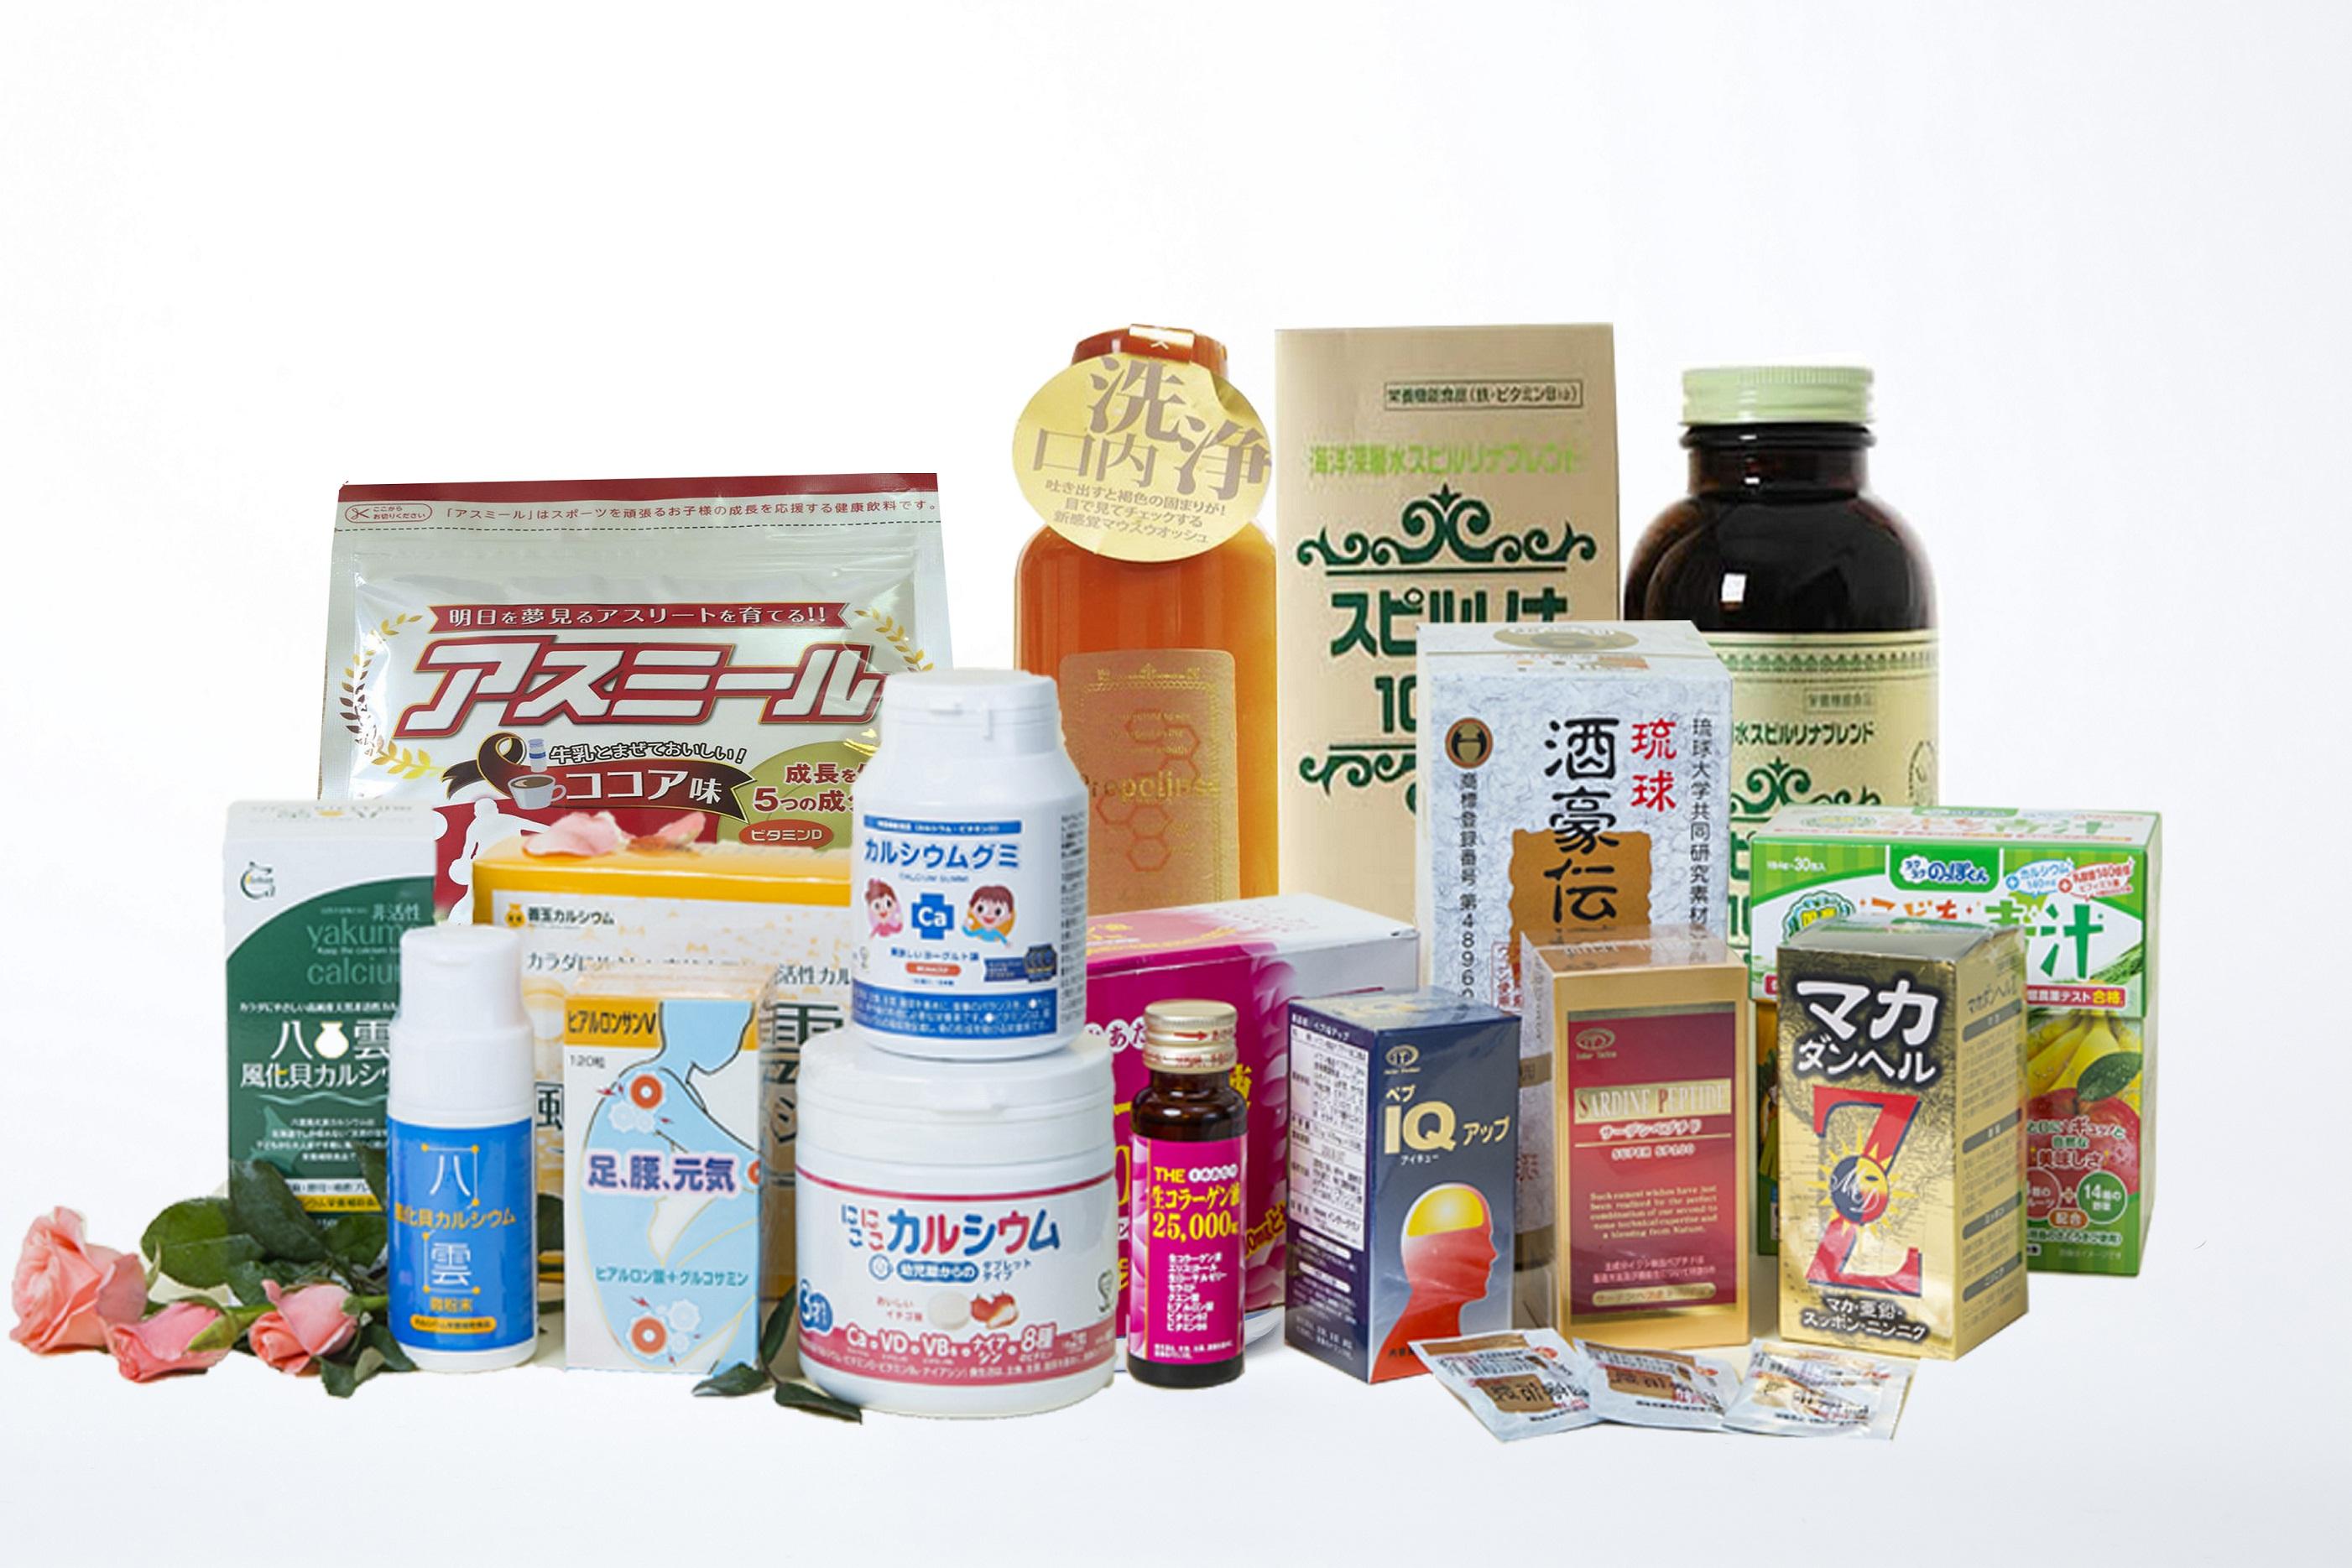 Dịch vụ xách tay thực phẩm chức năng từ Nhật về Hà Nội – Chuyển phát nhanh  UPS Việt Nam Logistics